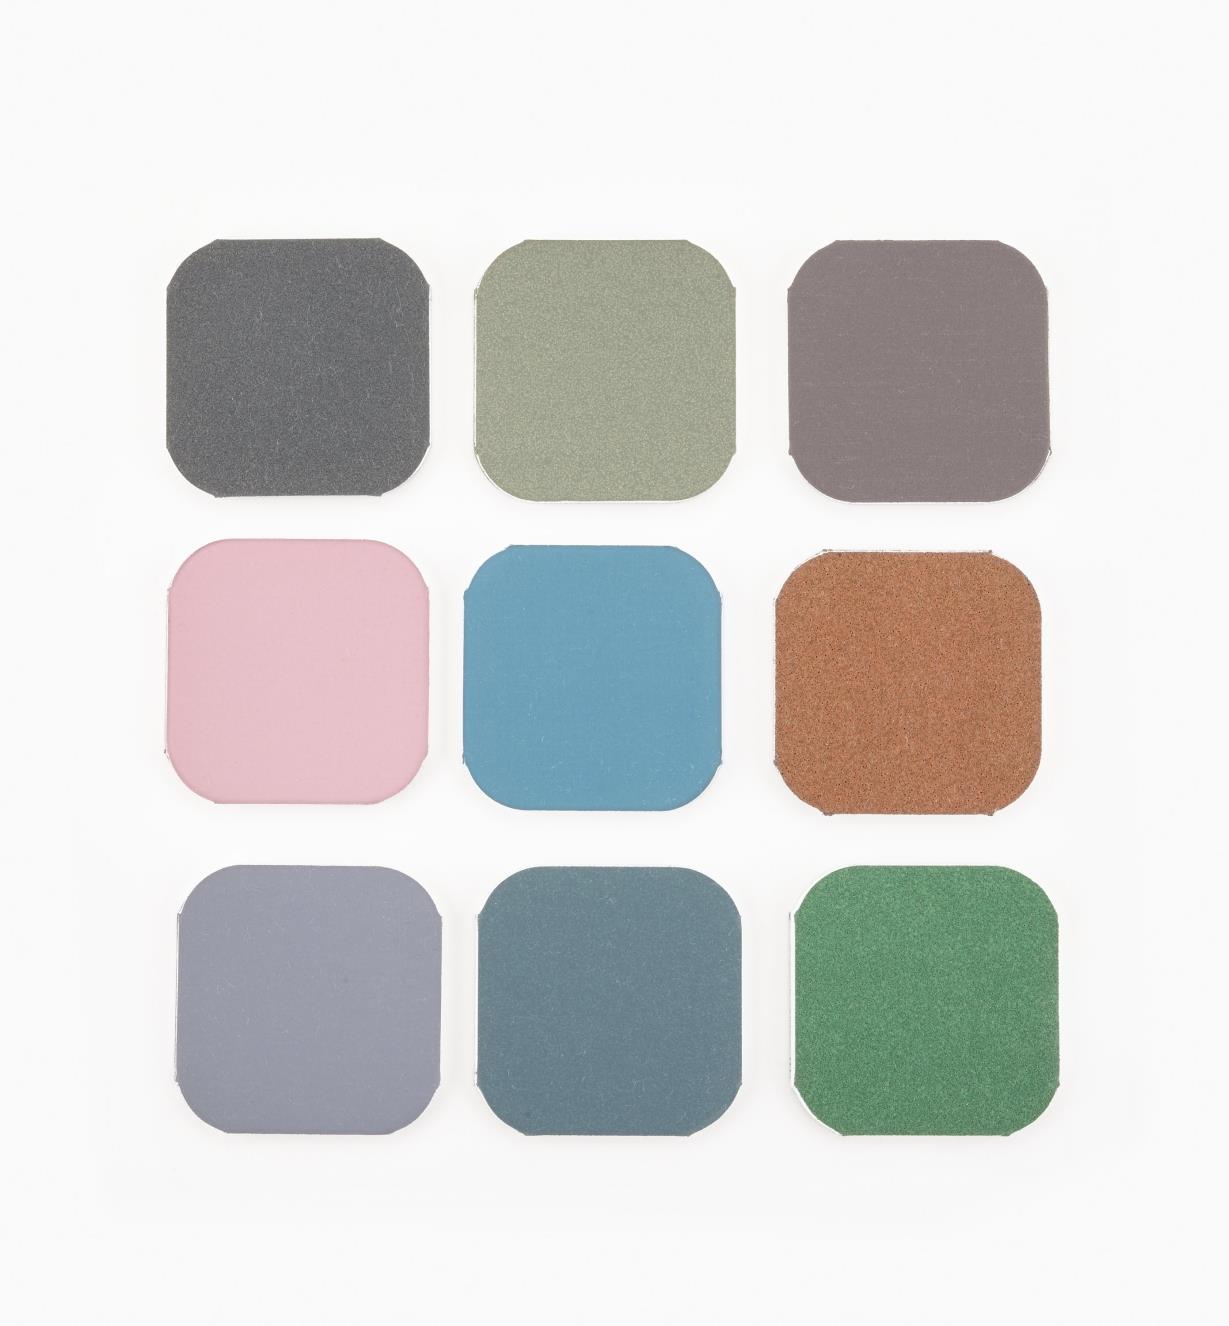 54K9020 - Set of 9 Micro-MeshPen-Sanding Pads